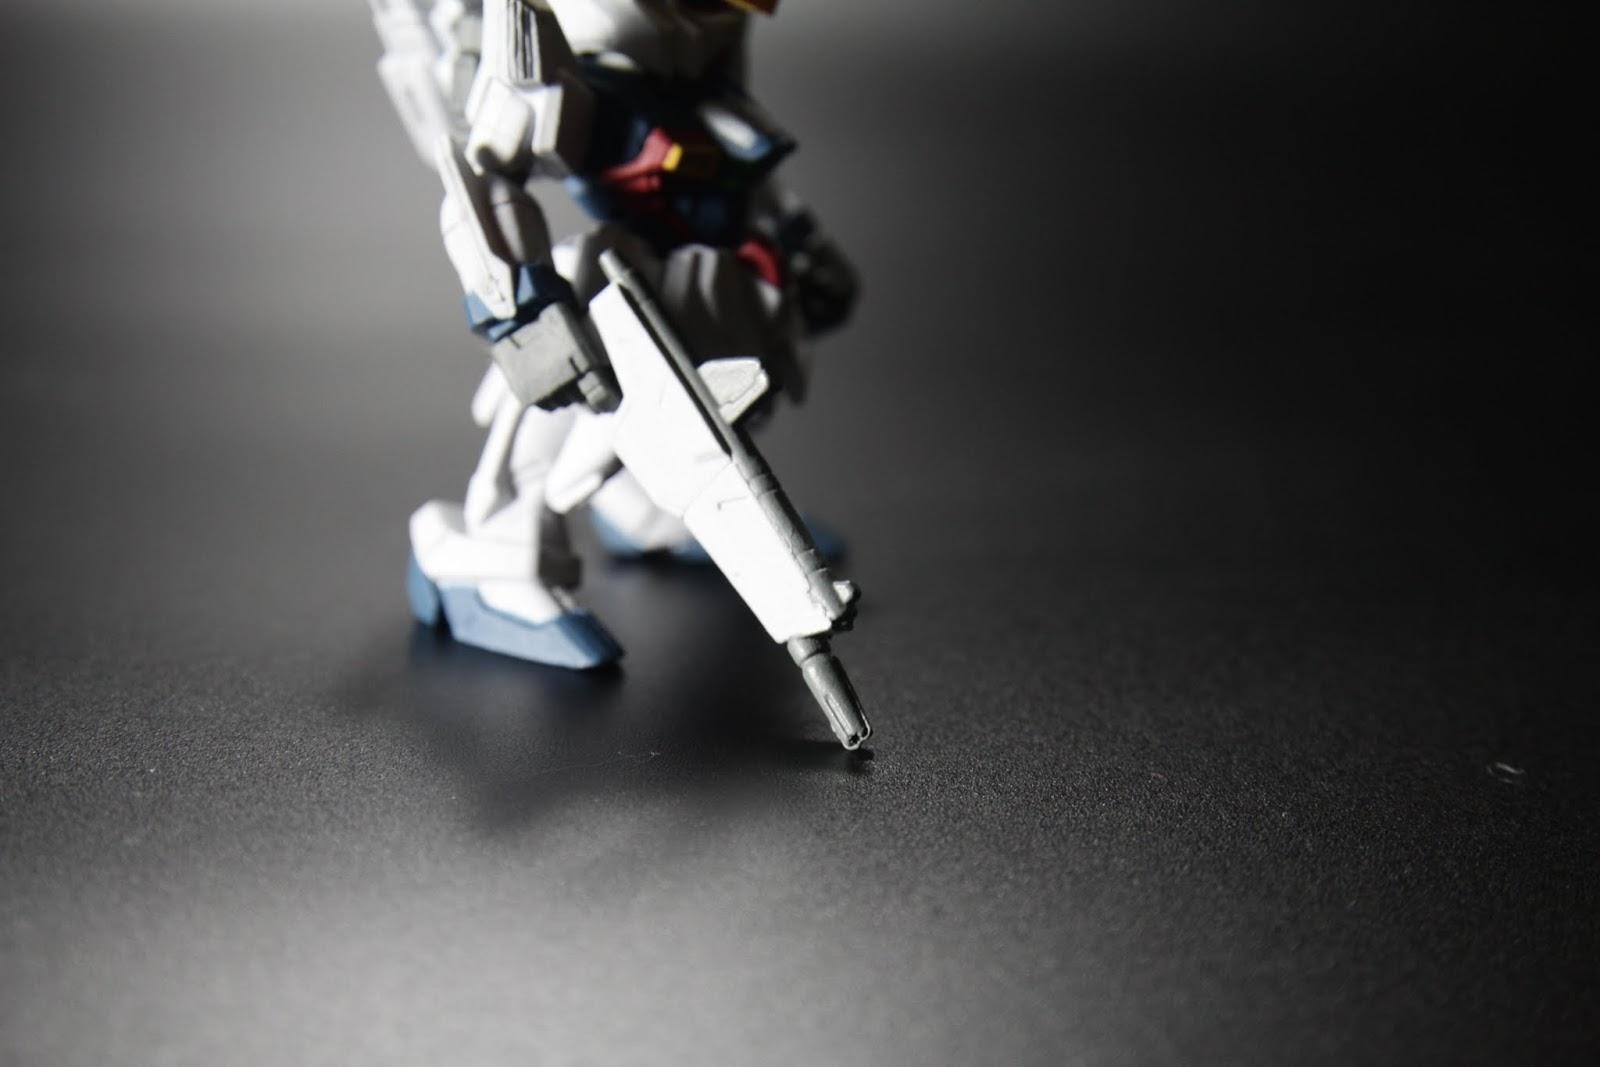 專用光束槍 可以打開變成盾(又是讓盾不務正業的設計)